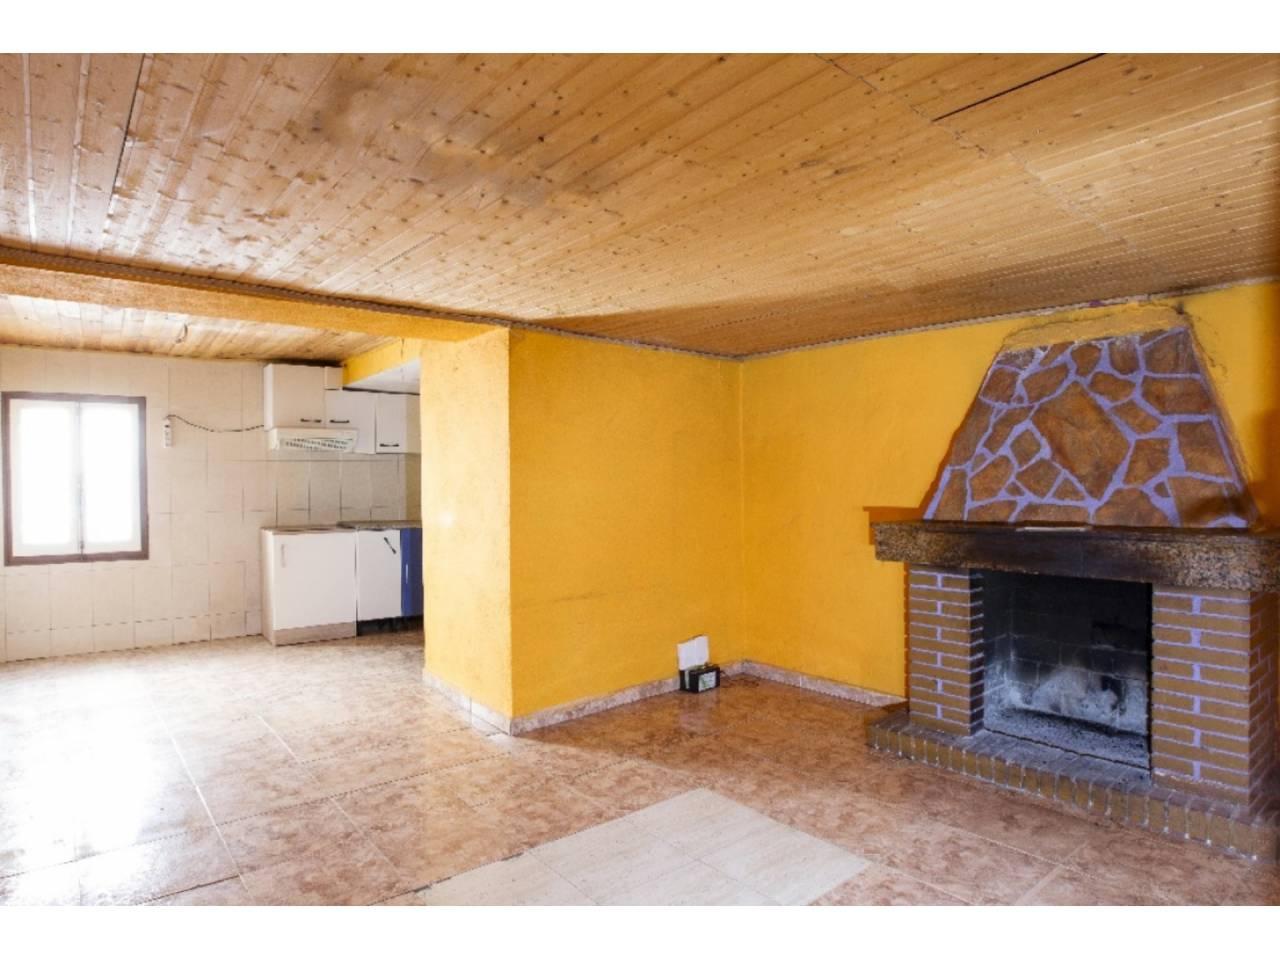 Casa  Calle pere virgili. Superficie total 197 m², casa superficie útil 197 m², habitacion